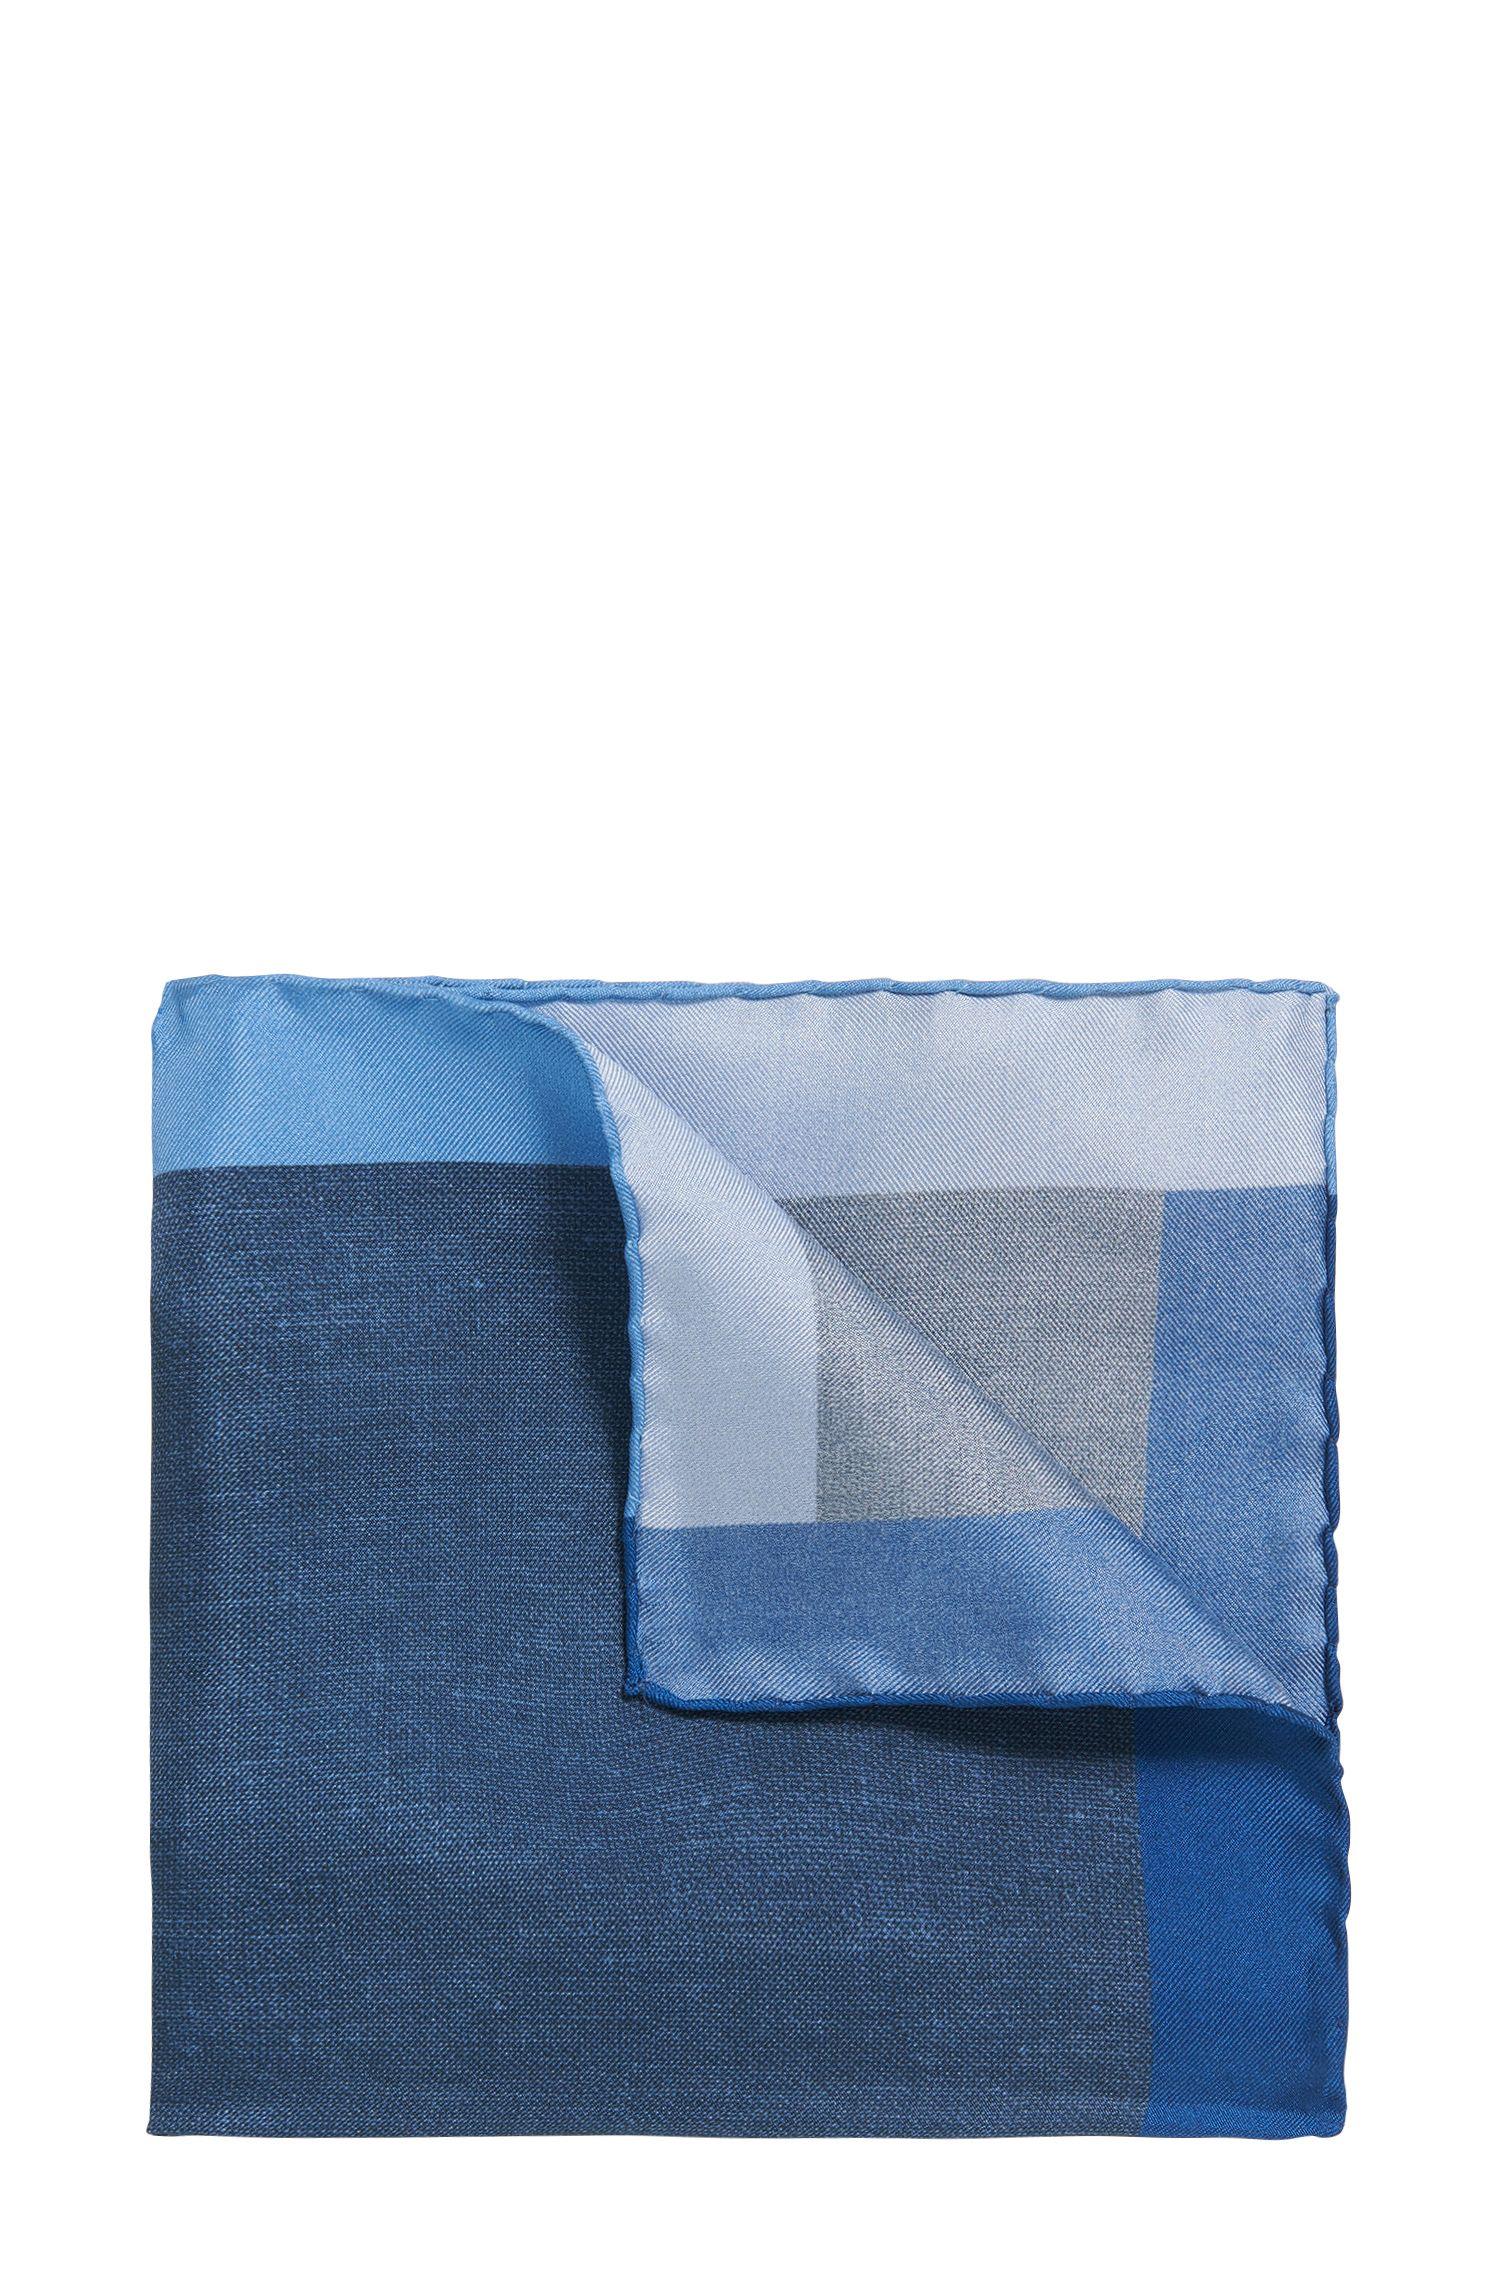 Pochette carrée imprimée en soie